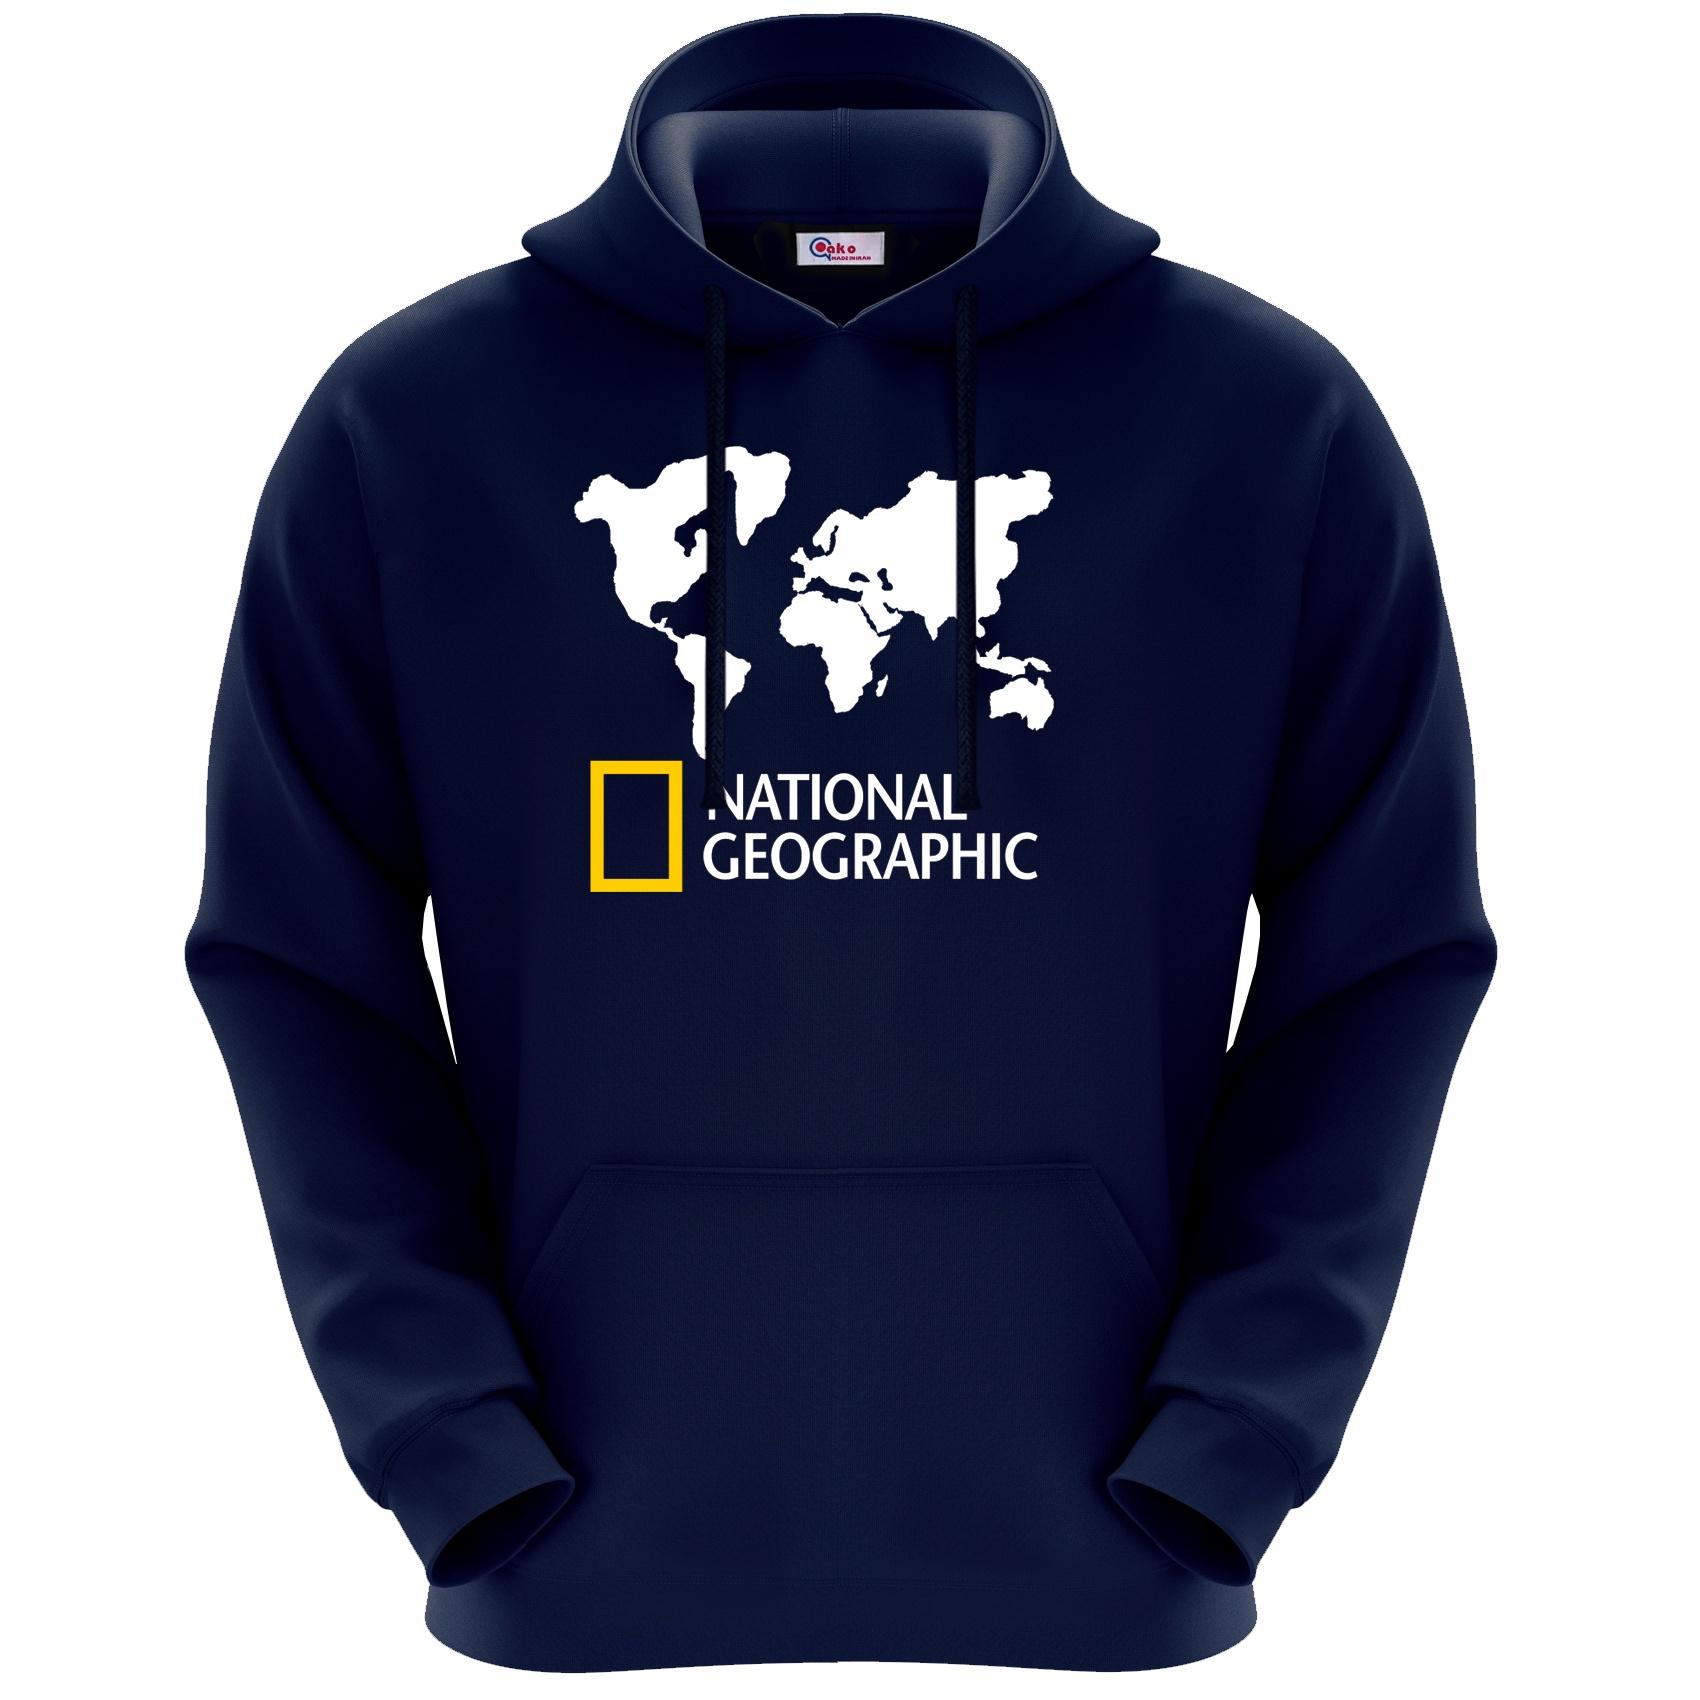 هودی مردانه اکو مدل National geographic کد M237